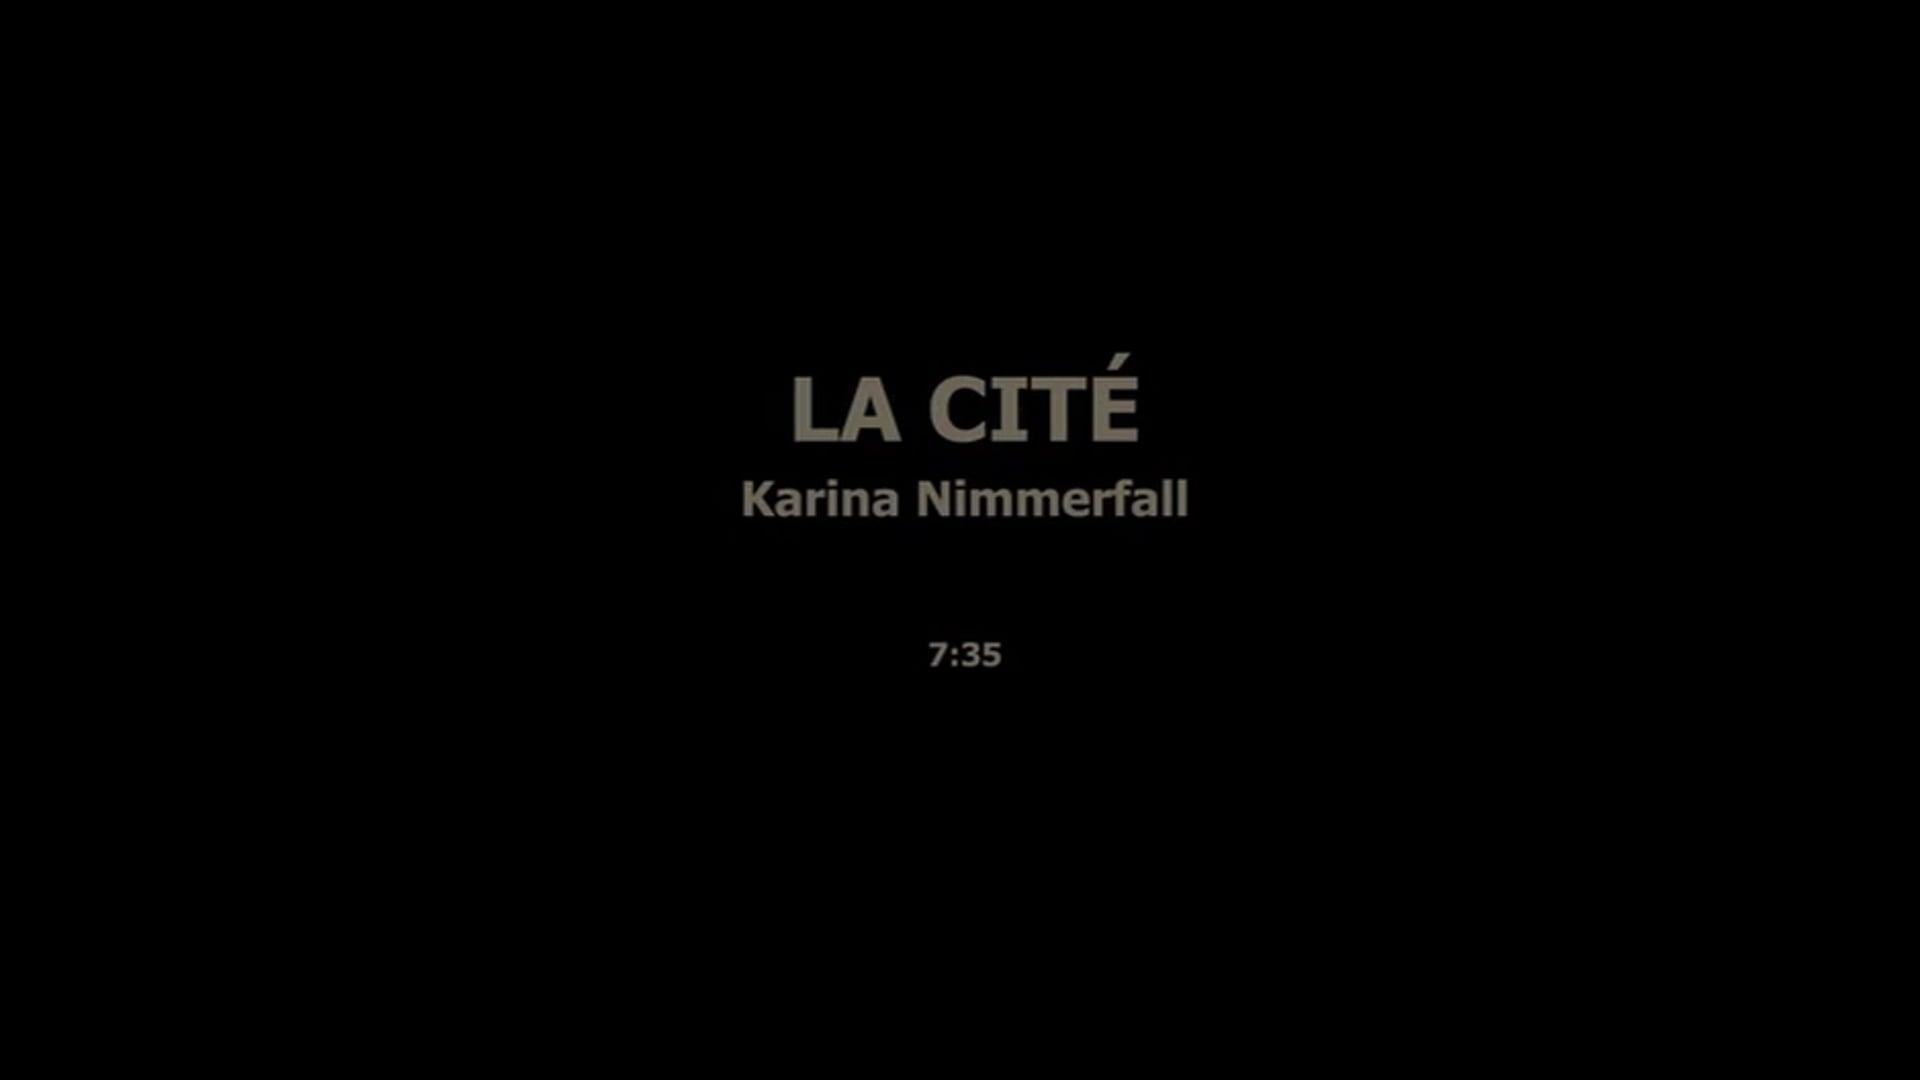 LA CITÉ - KARINA NIMMERFALL